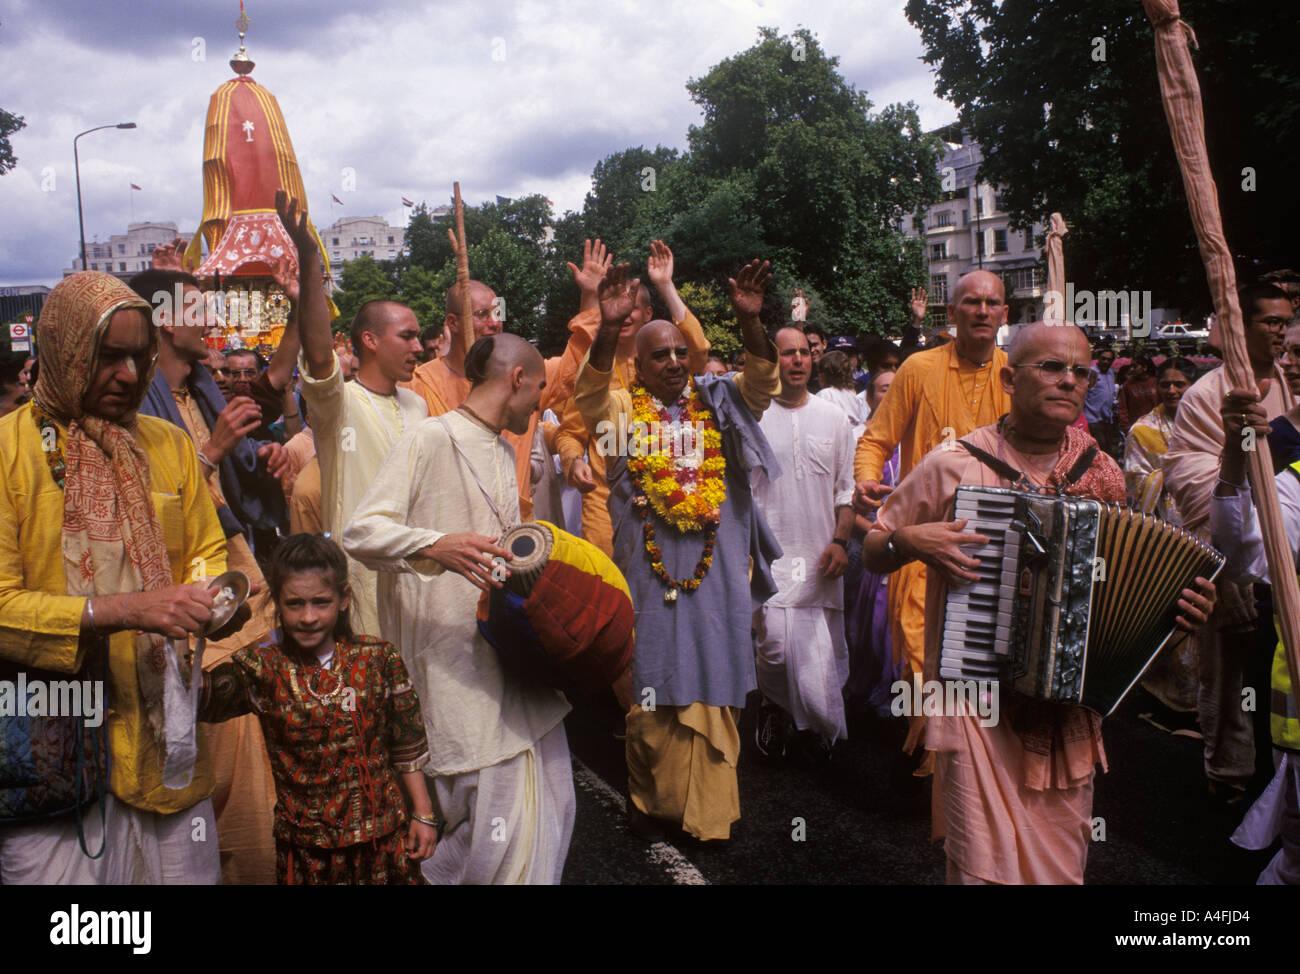 Hinduistische Königreich Hare Krishna festival Ratha Jatra oder rathayatra oder Wagen festival London Anhänger ziehen Religiöse wagen Park Lane HOMER SYKES Stockfoto